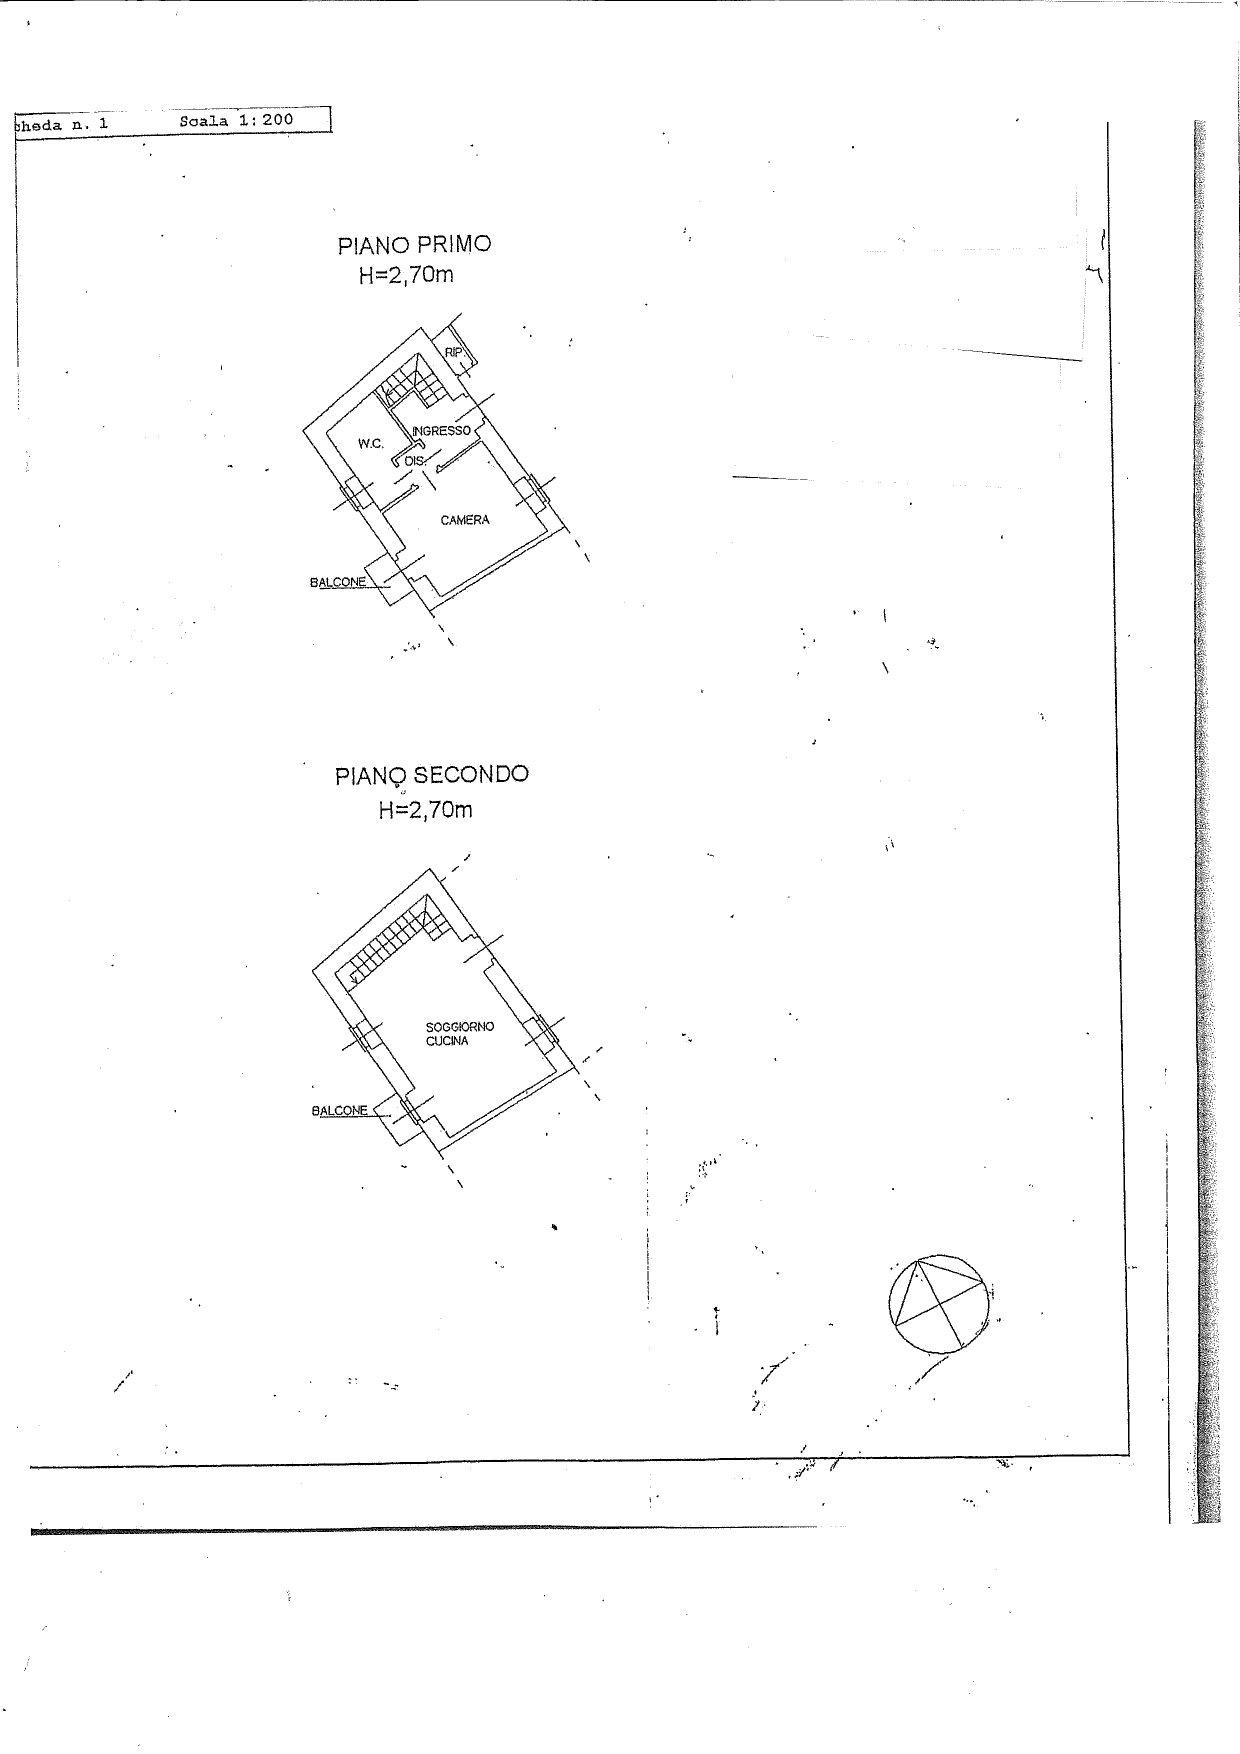 Appartamento bilocale arredato in vendita a Stresa - planimetria